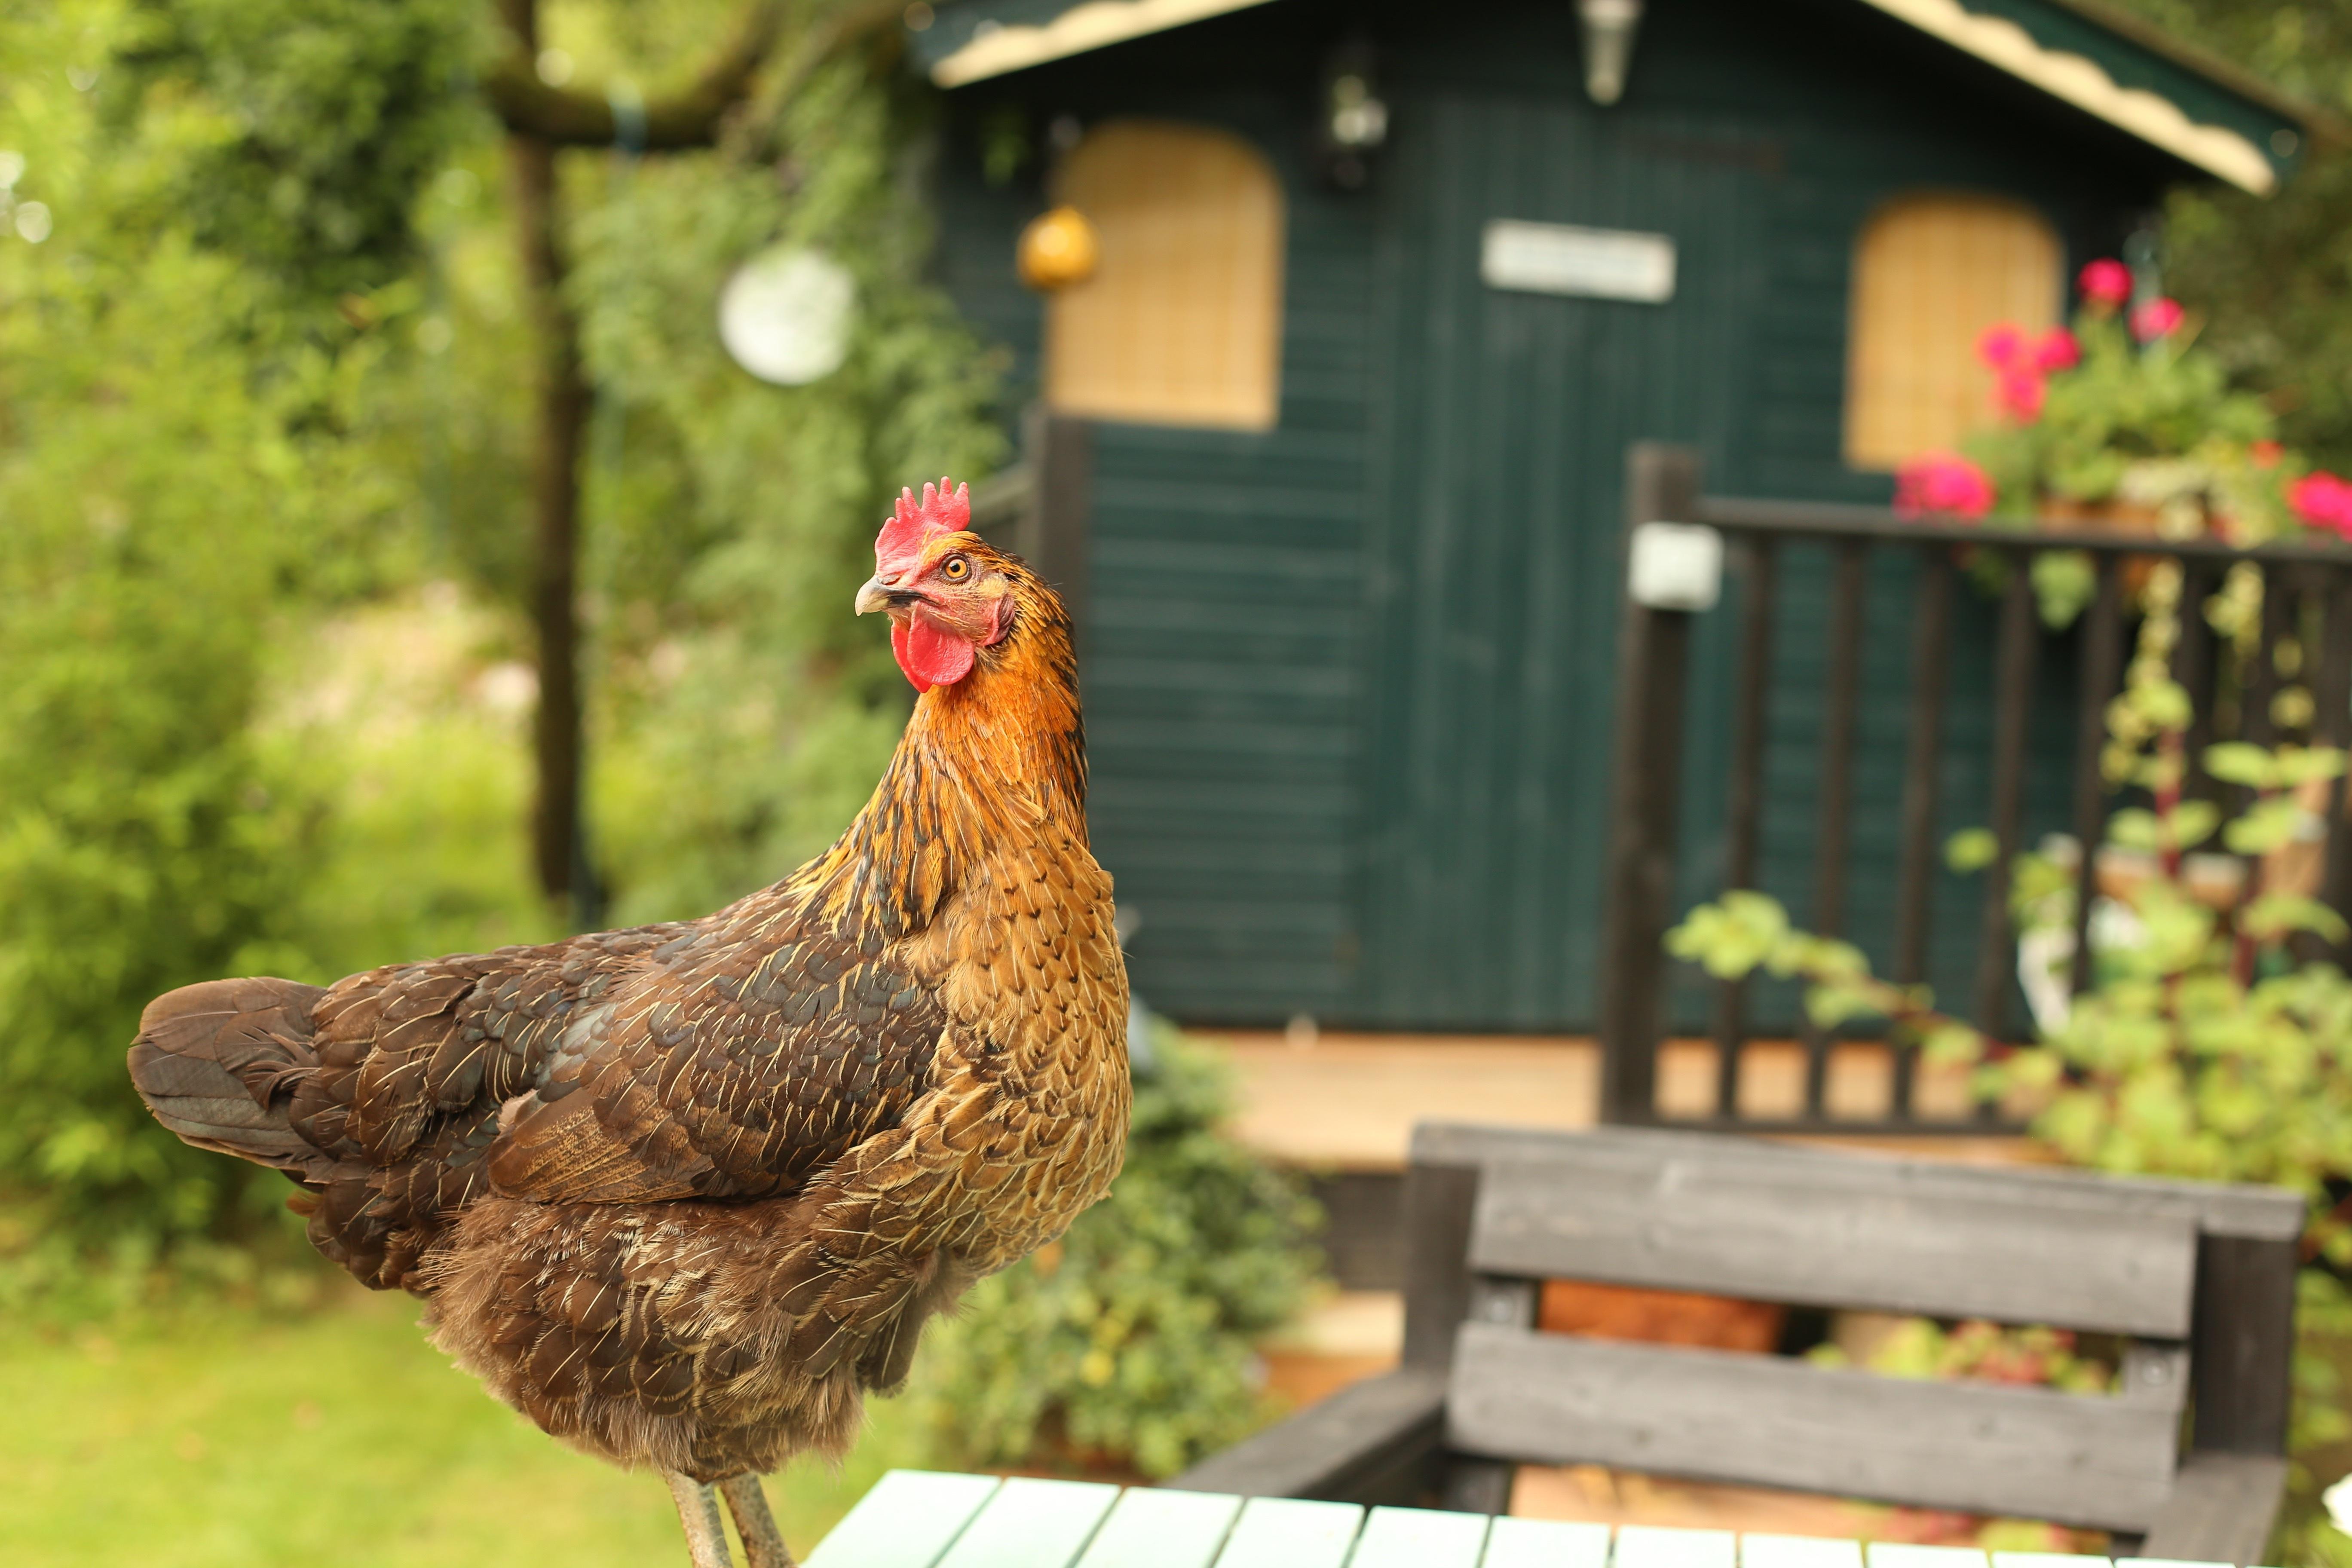 Veren In Huis : Gratis afbeeldingen : gras vogel hout farm huis dier landelijk